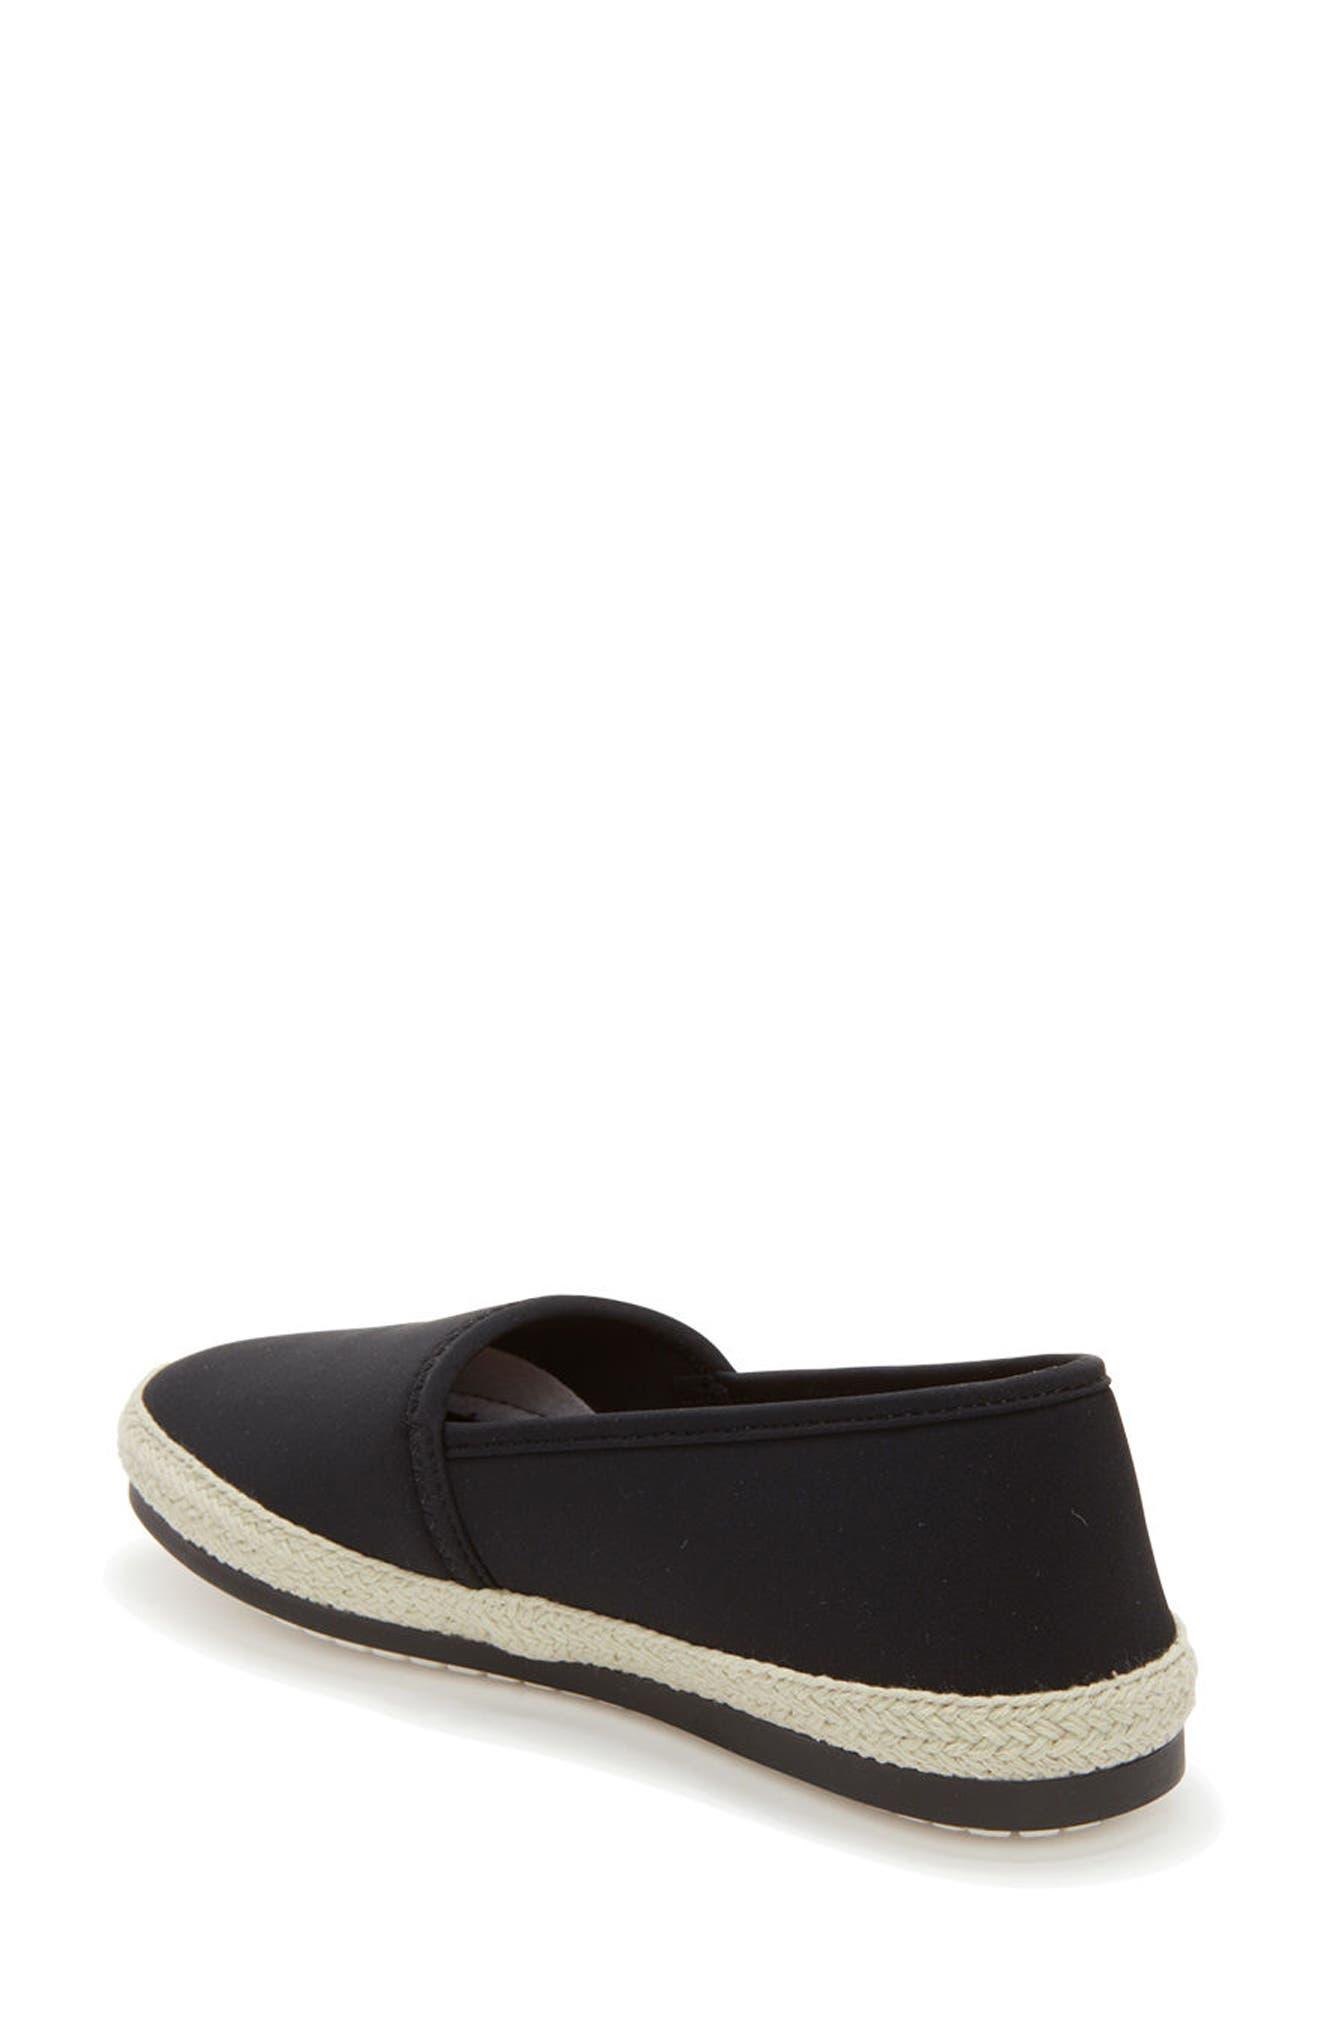 Adam Tucker Roma Slip-On Sneaker,                             Alternate thumbnail 2, color,                             014